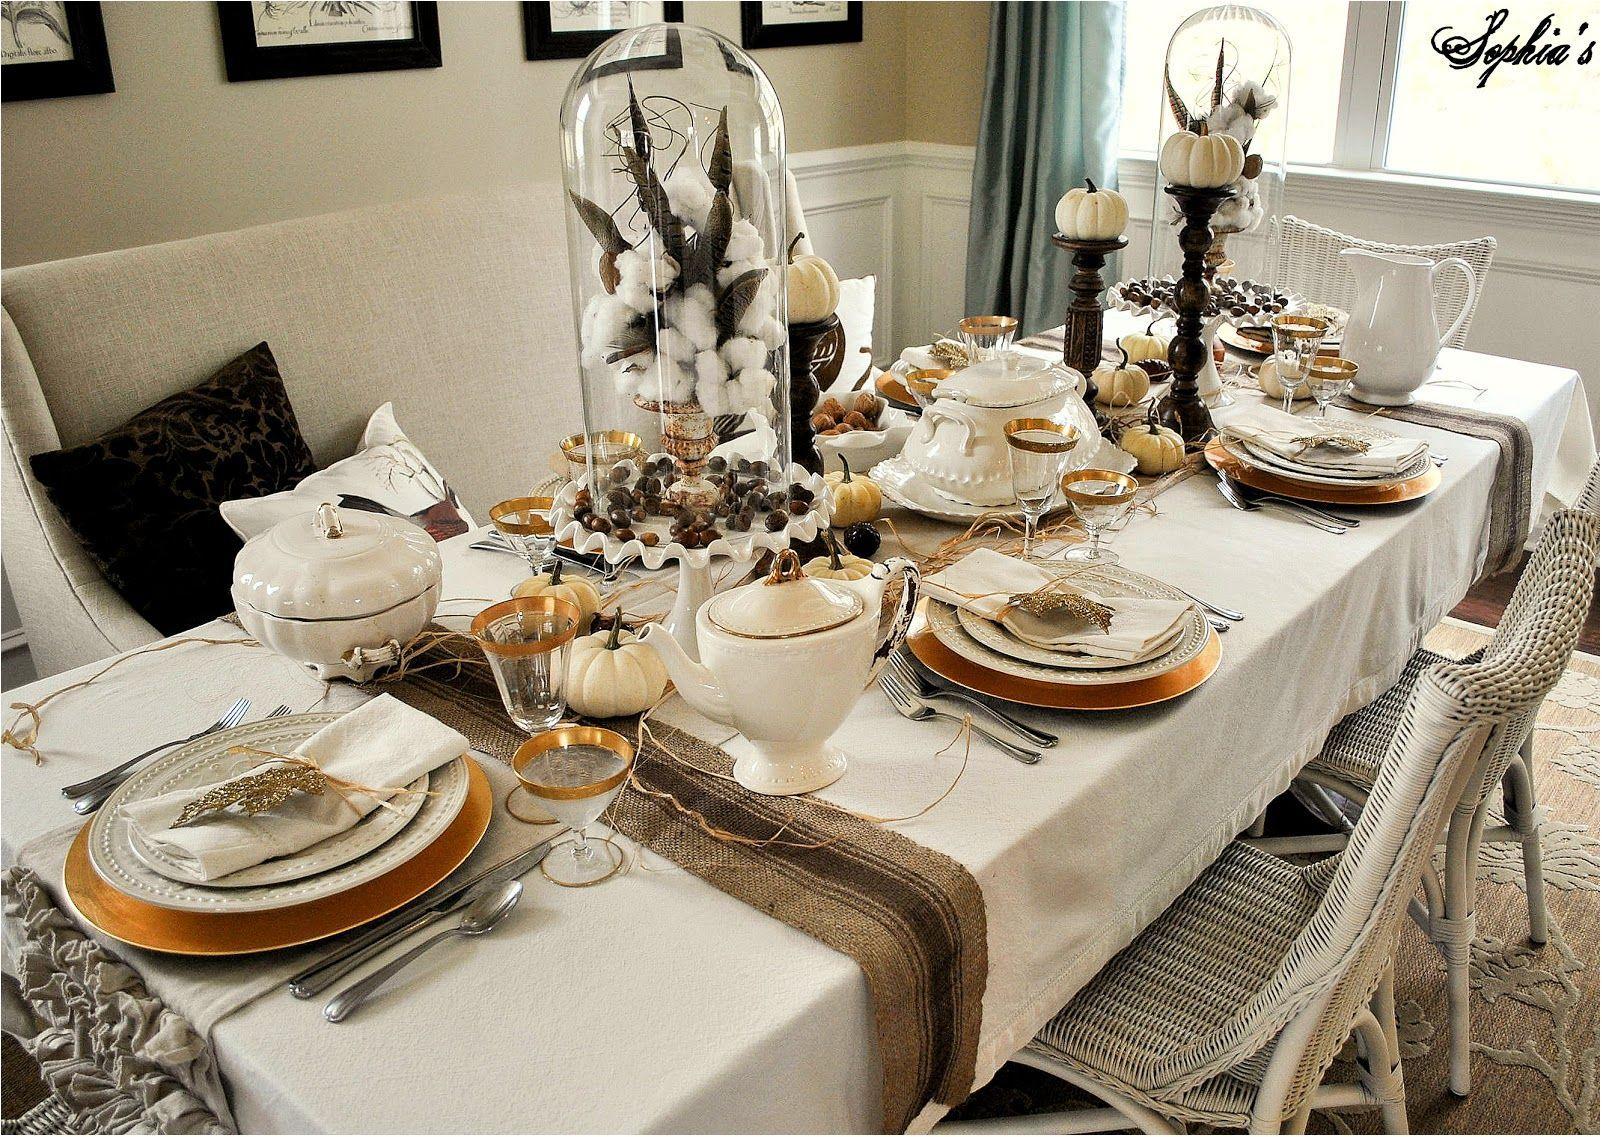 Fantastic Formal Dining Table Set